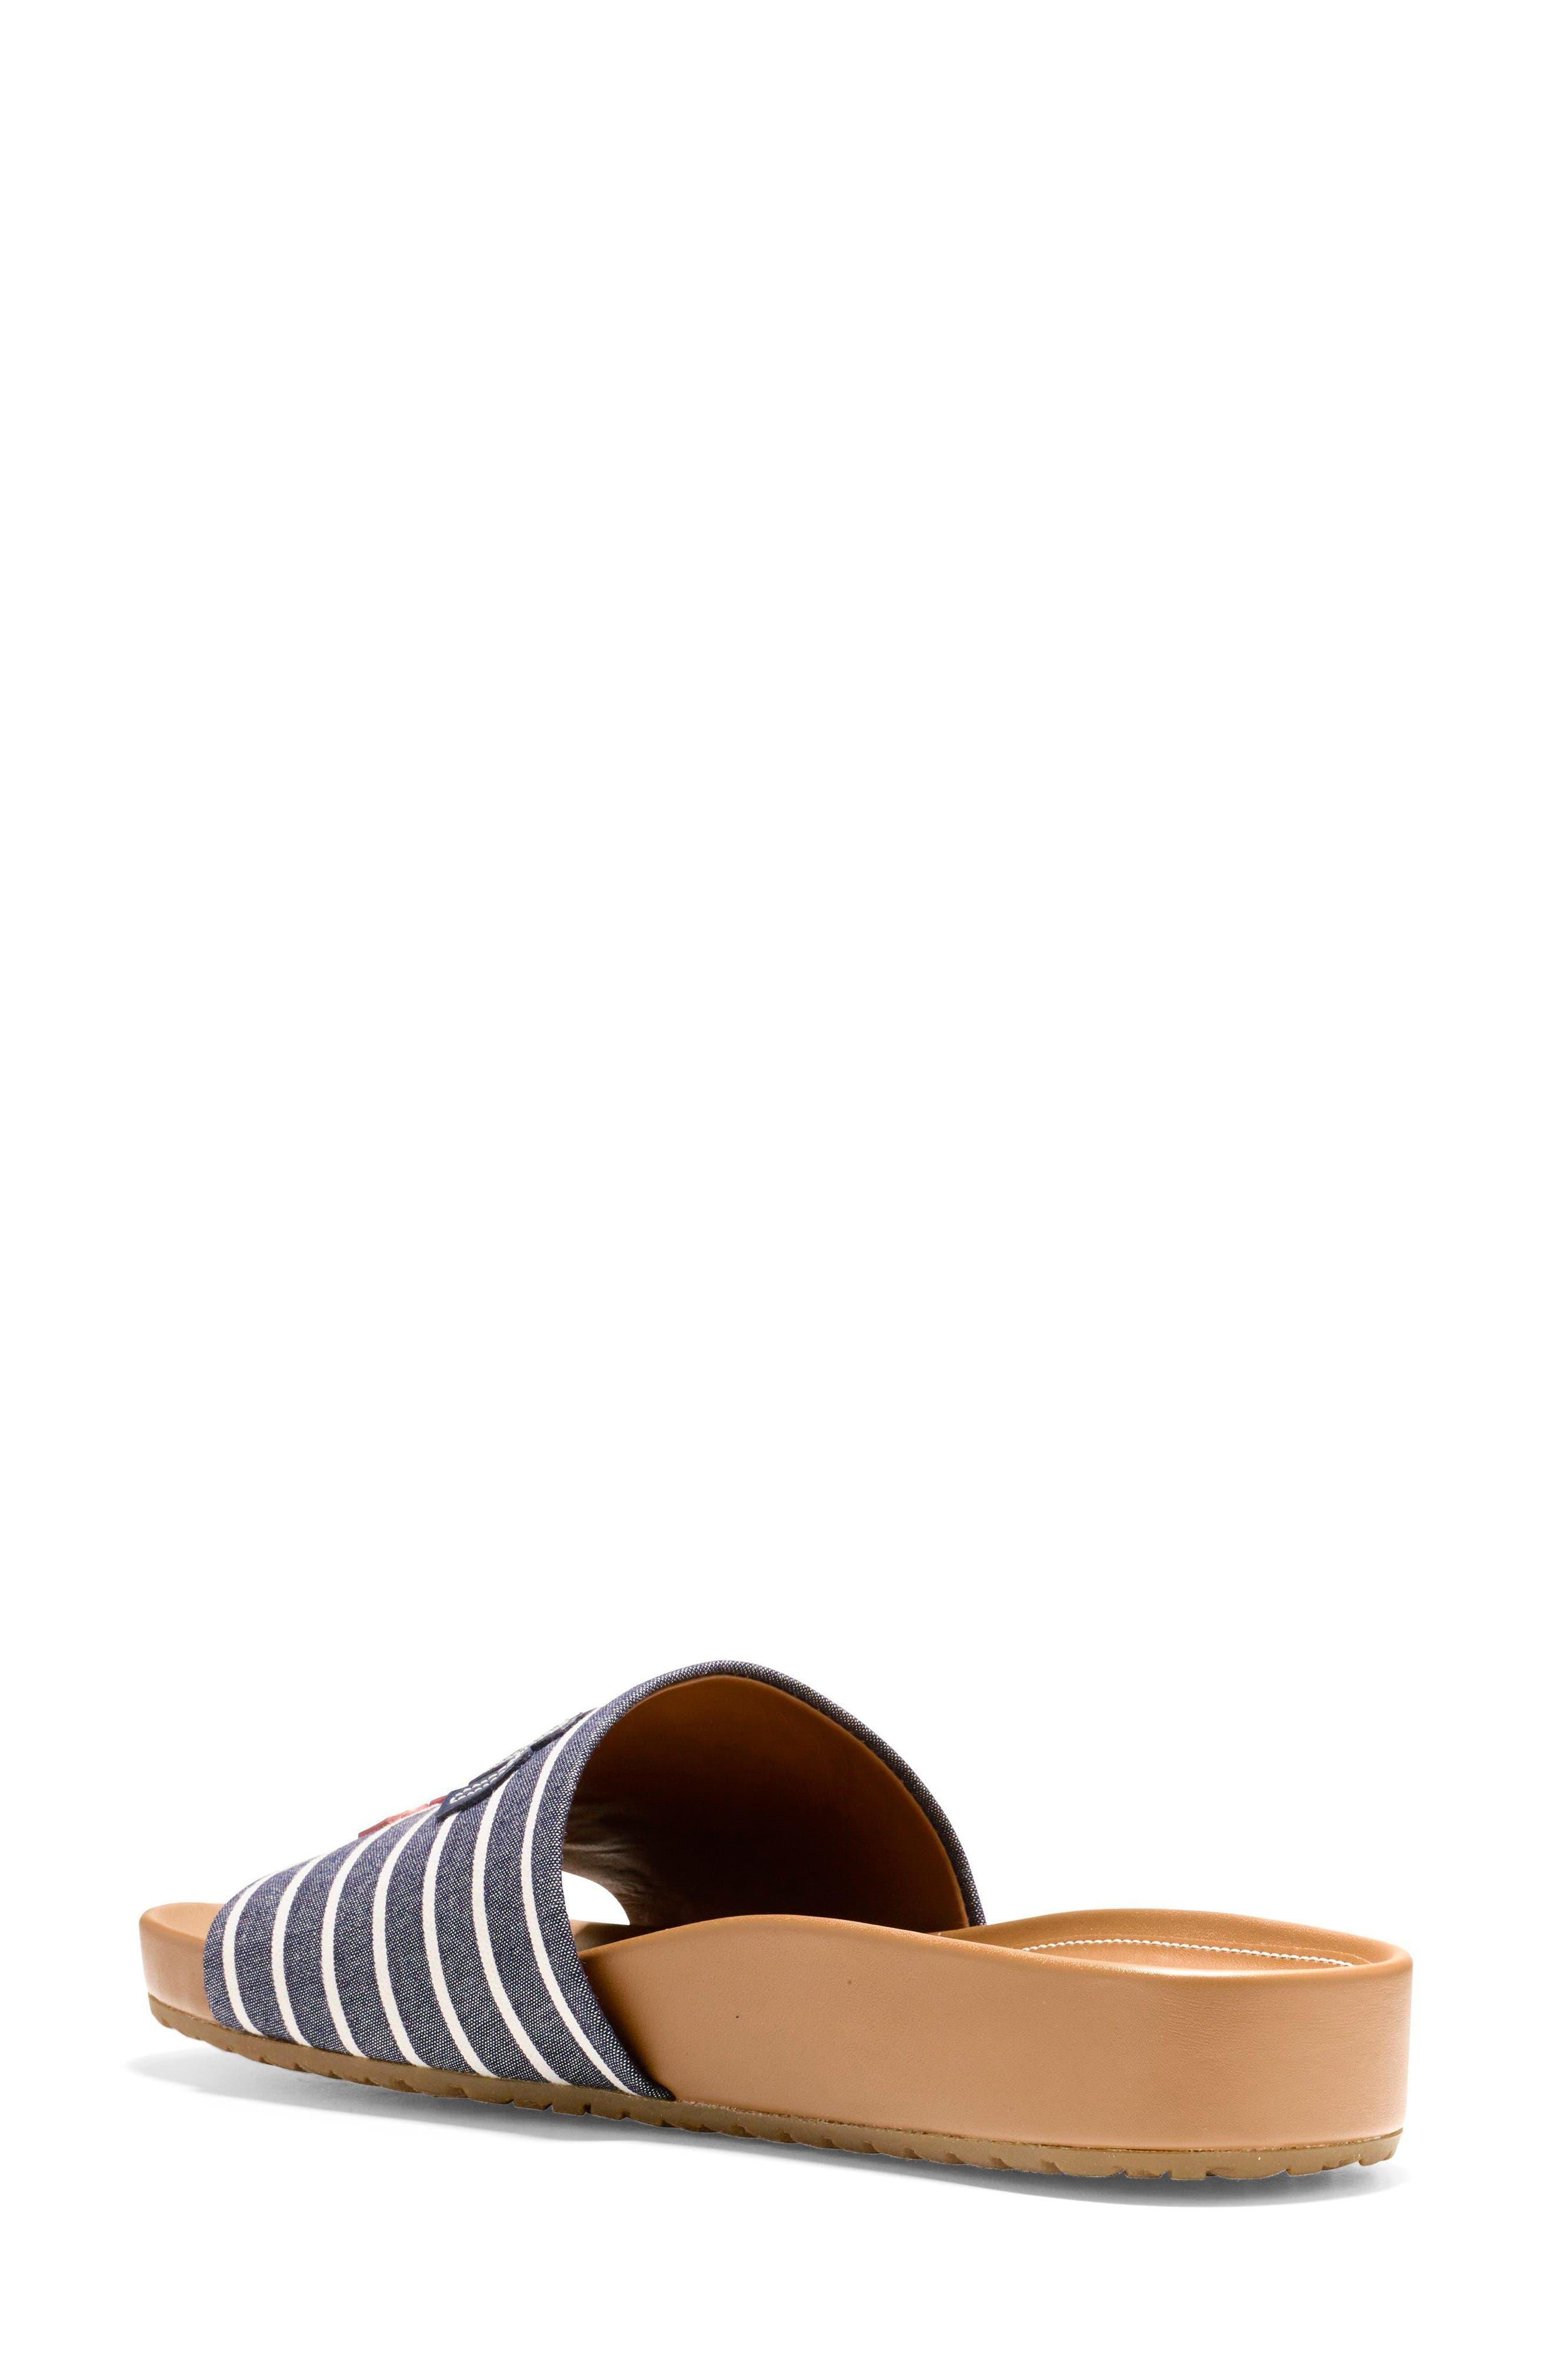 Pinch Montauk Lobster Slide Sandal,                             Alternate thumbnail 5, color,